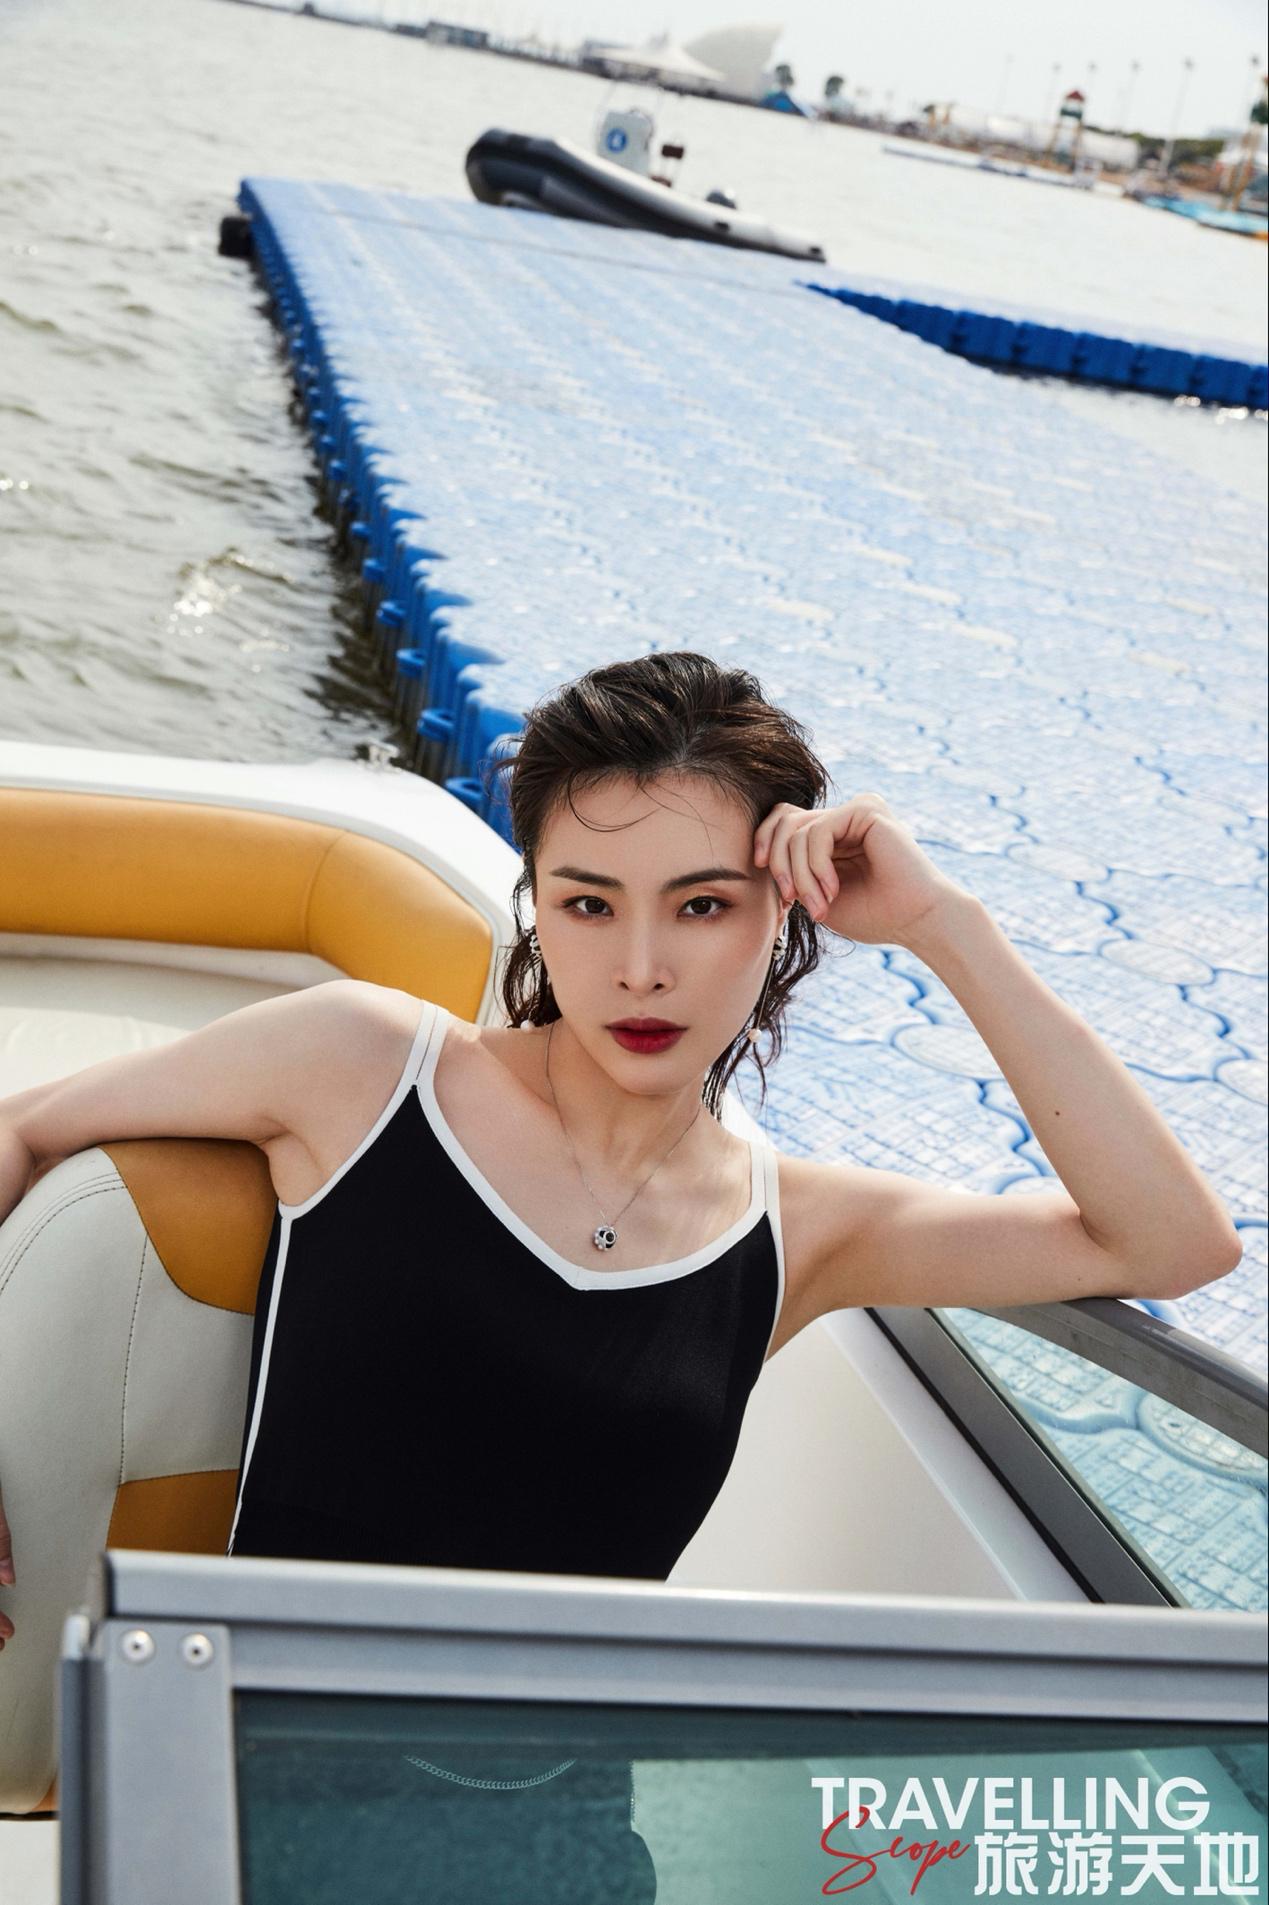 吴敏霞杂志大片曝光,状态姣好又酷又飒展现女性之美